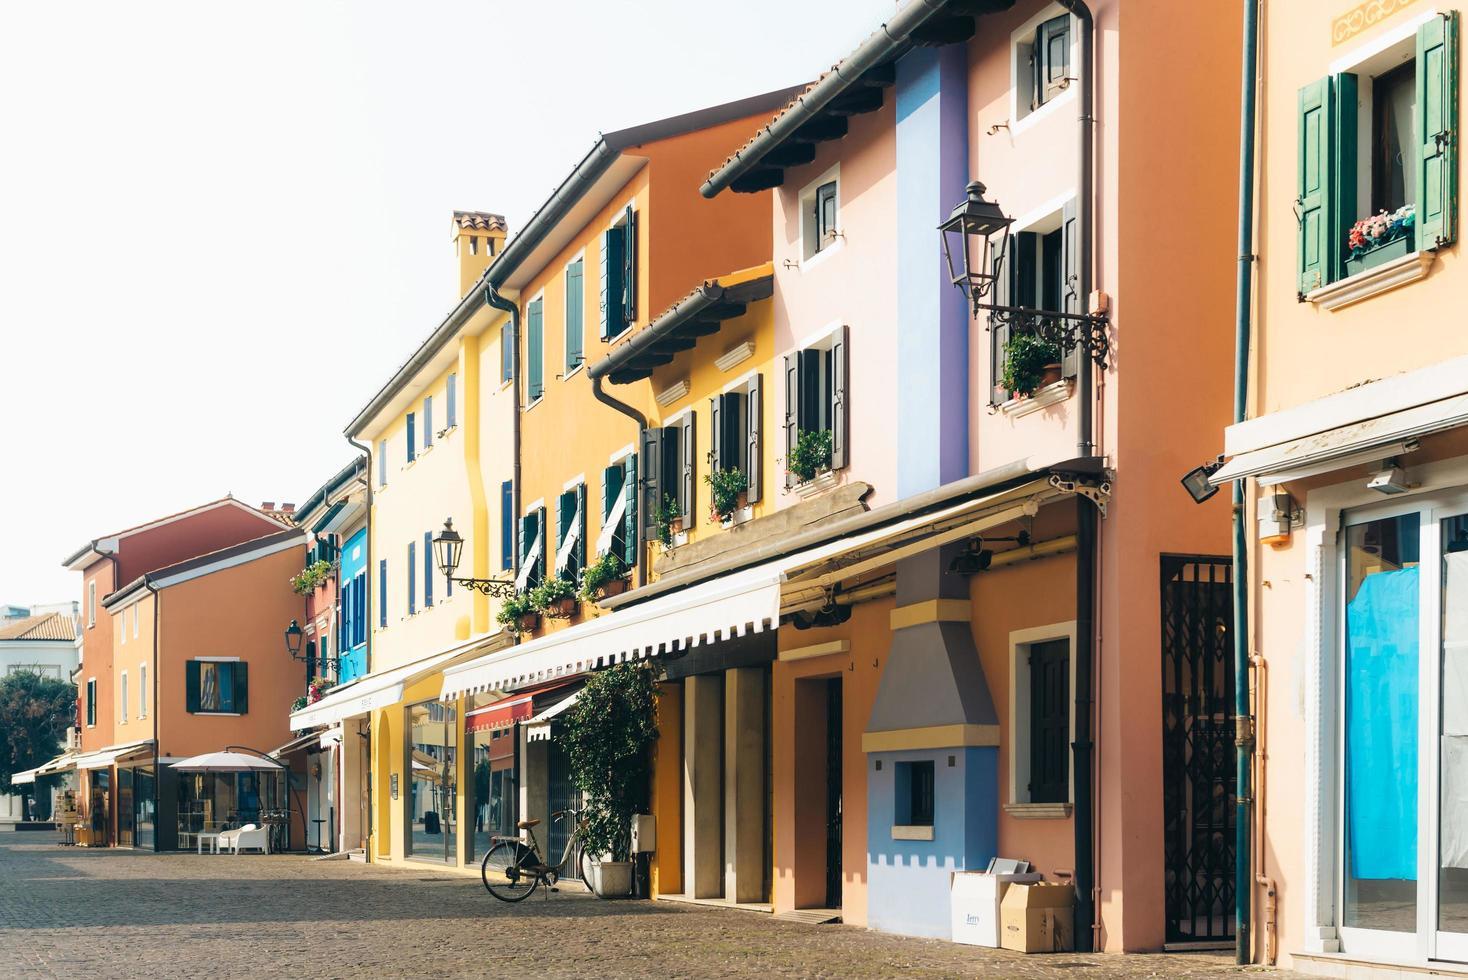 caorle, italien 2017 - turistdistrikt i den gamla provinsstaden caorle i italien foto